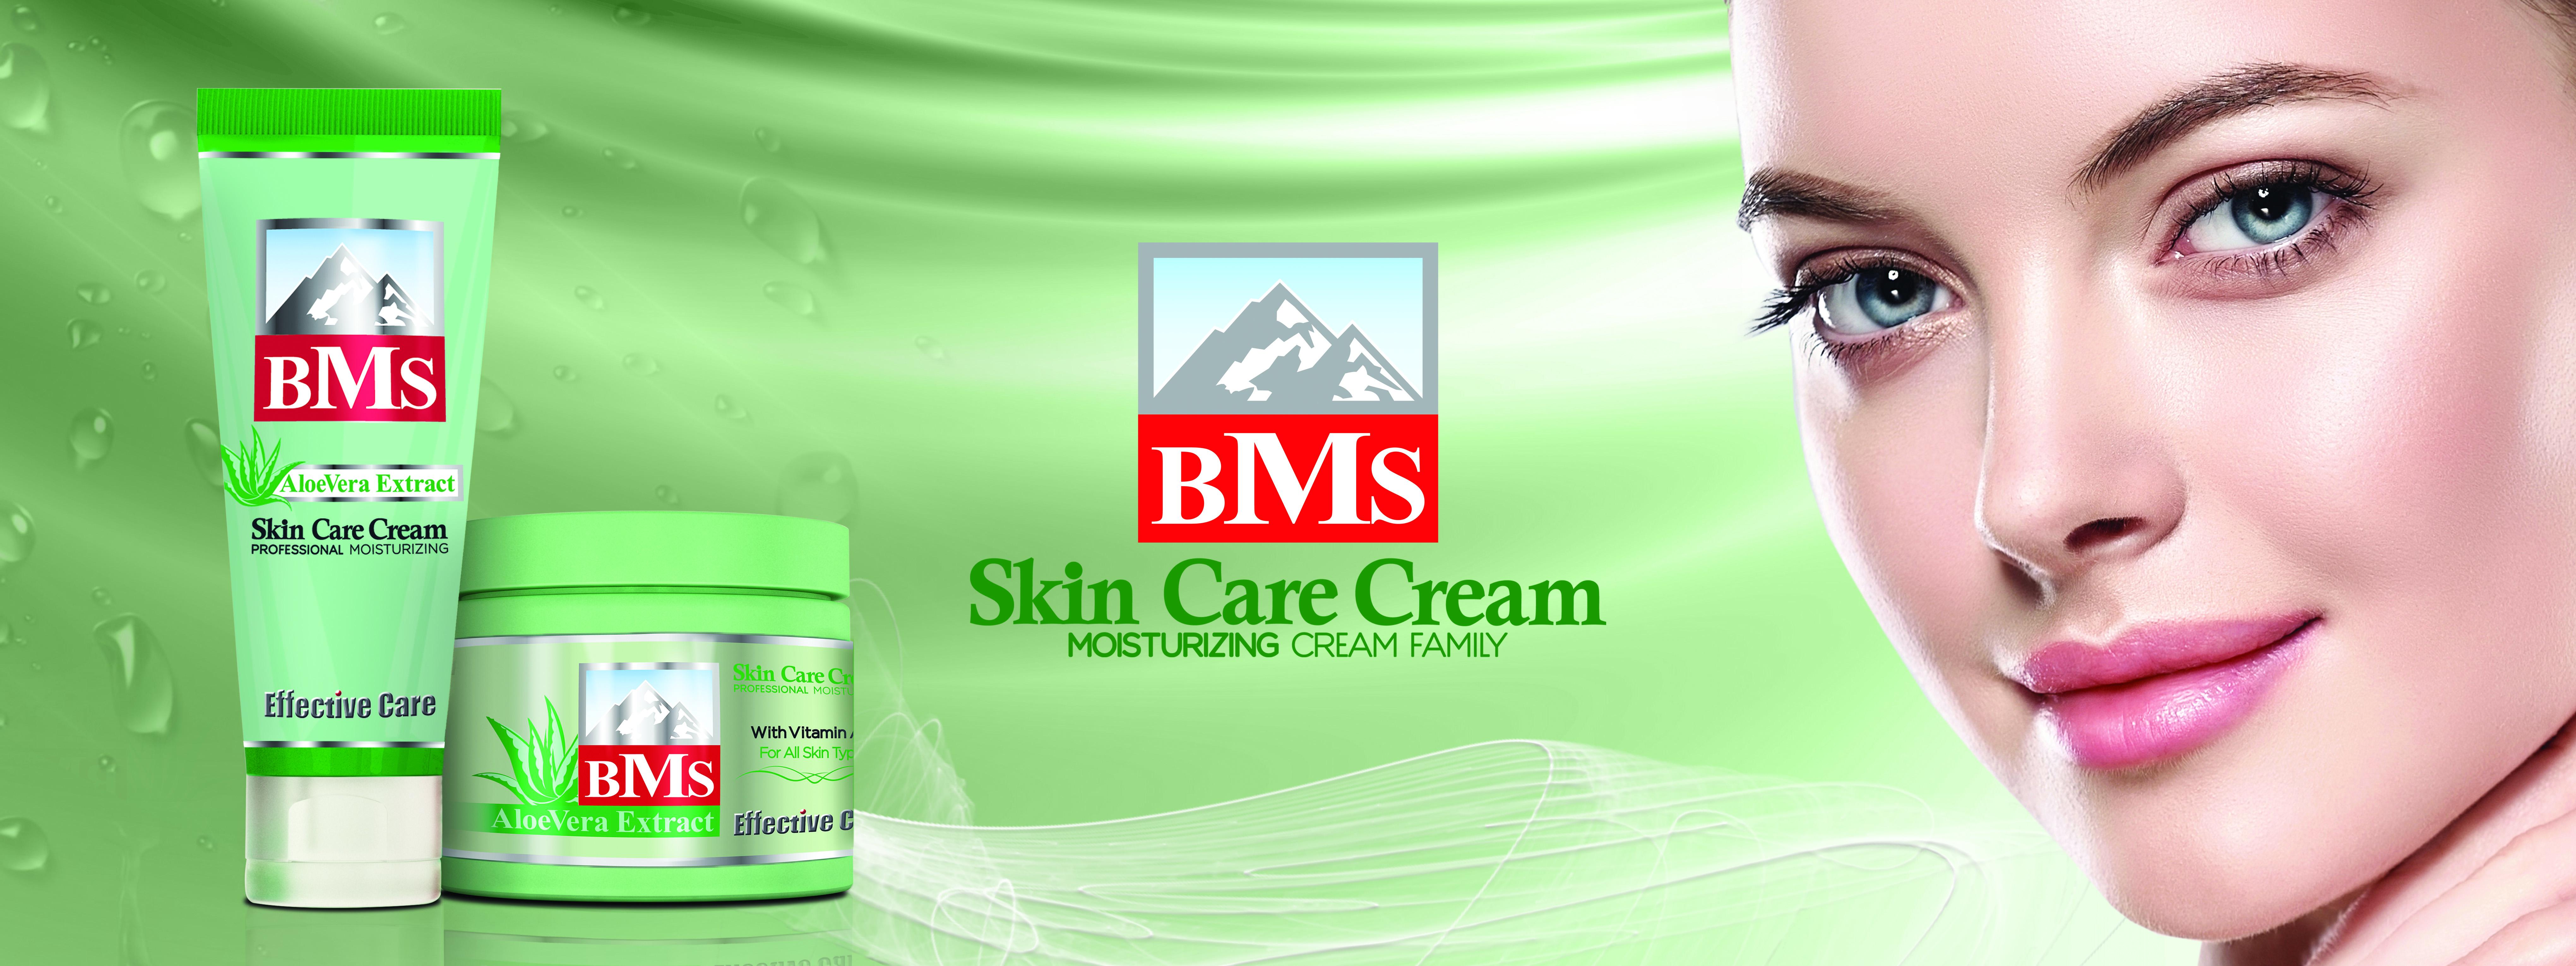 کرم مرطوب کننده آلوئه ورا کاسه ای BMS